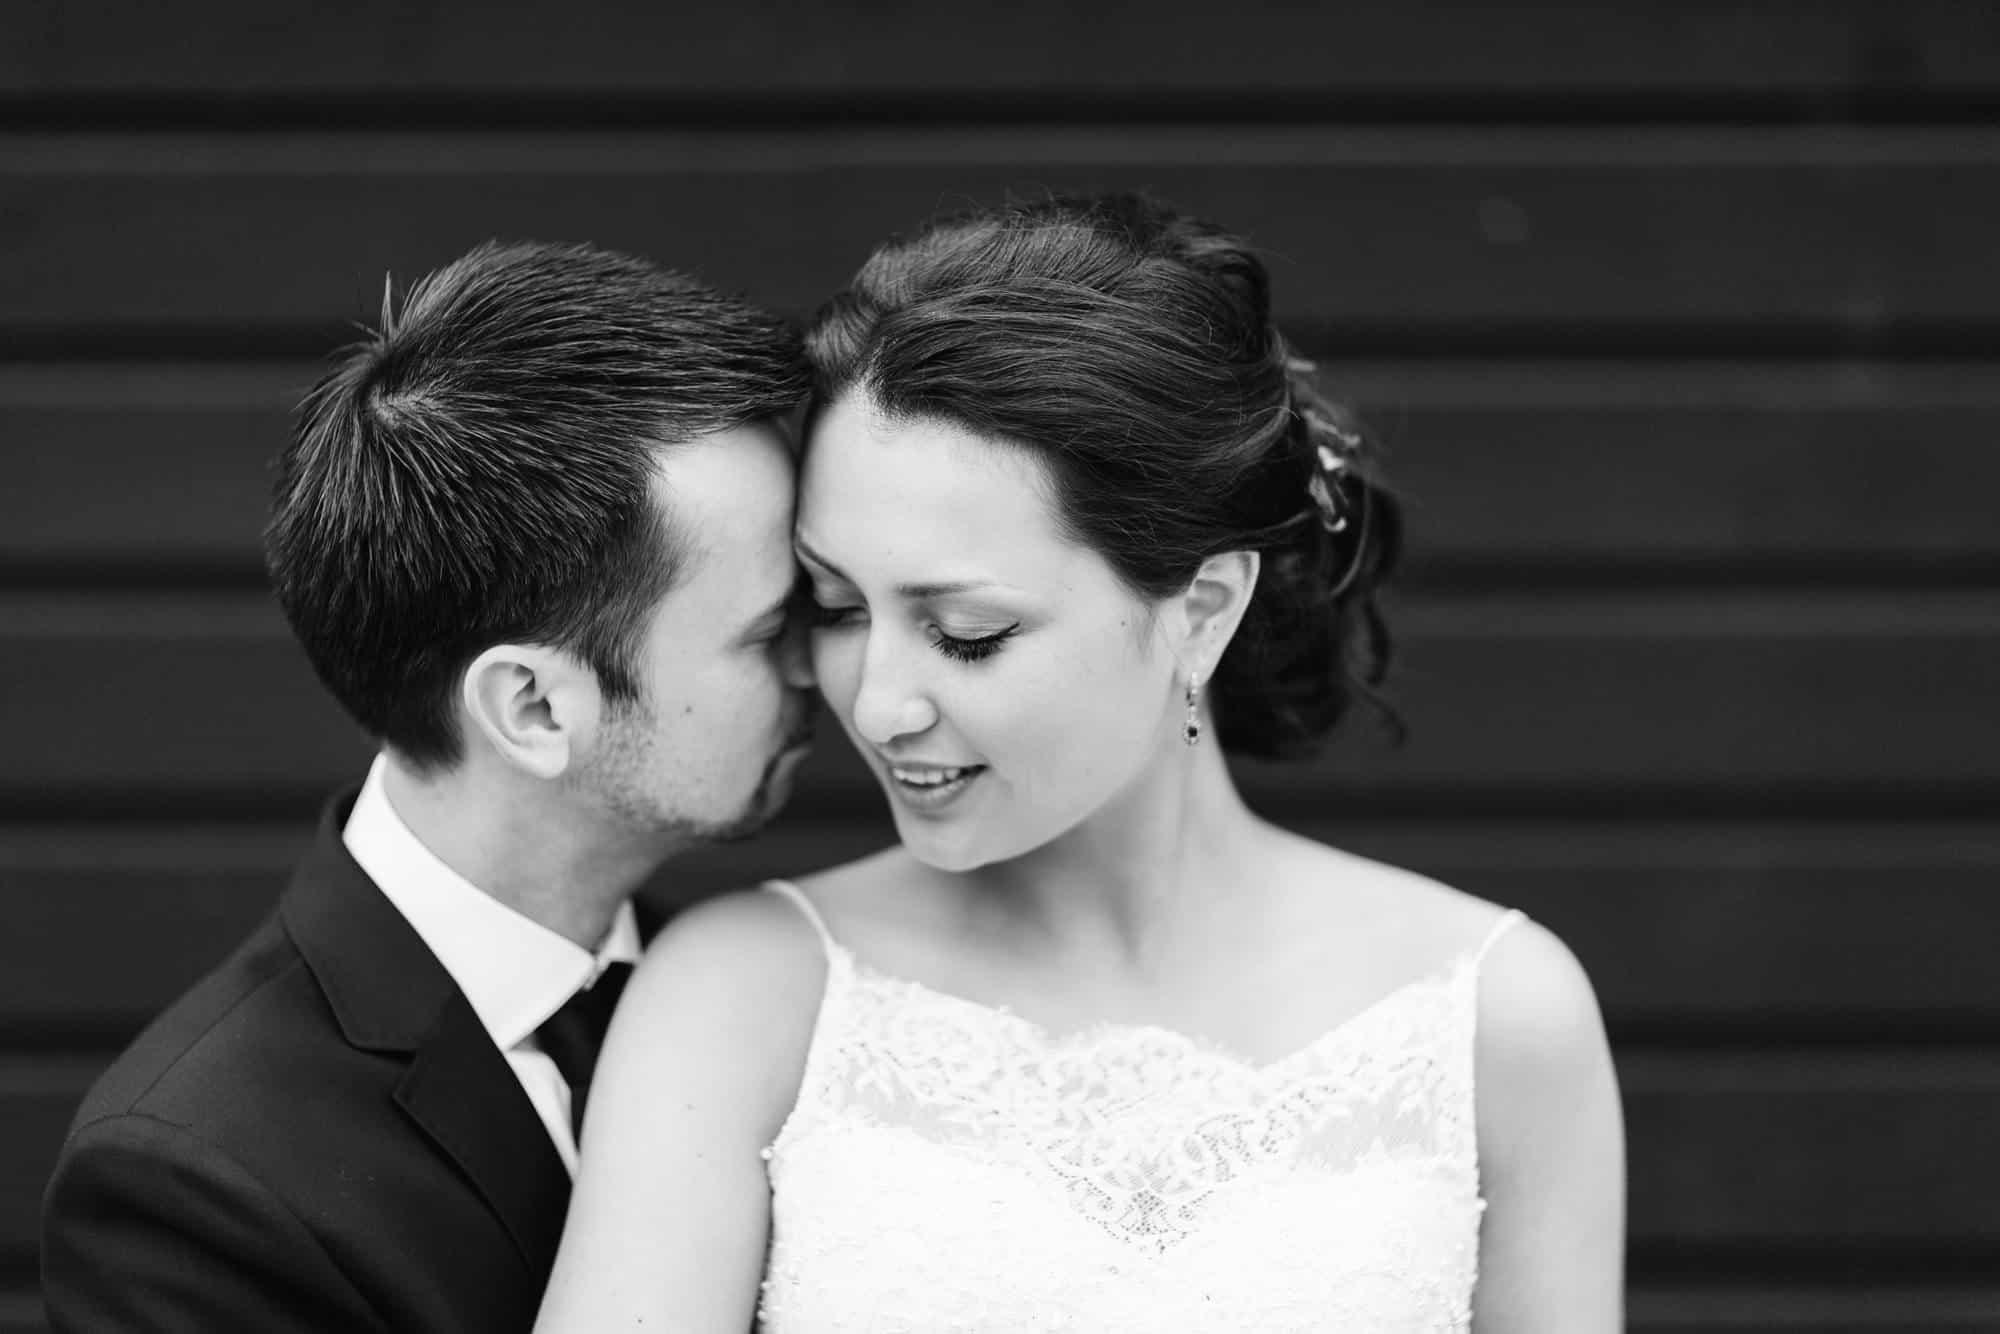 Bröllop, Björkö, Seaside, Bohuslän, Göteborg, Skärgård, Hav, Wedding, Brud, Porträtt, Sommar, Bröllopsfoto, bröllopsfotograf, Nina & David